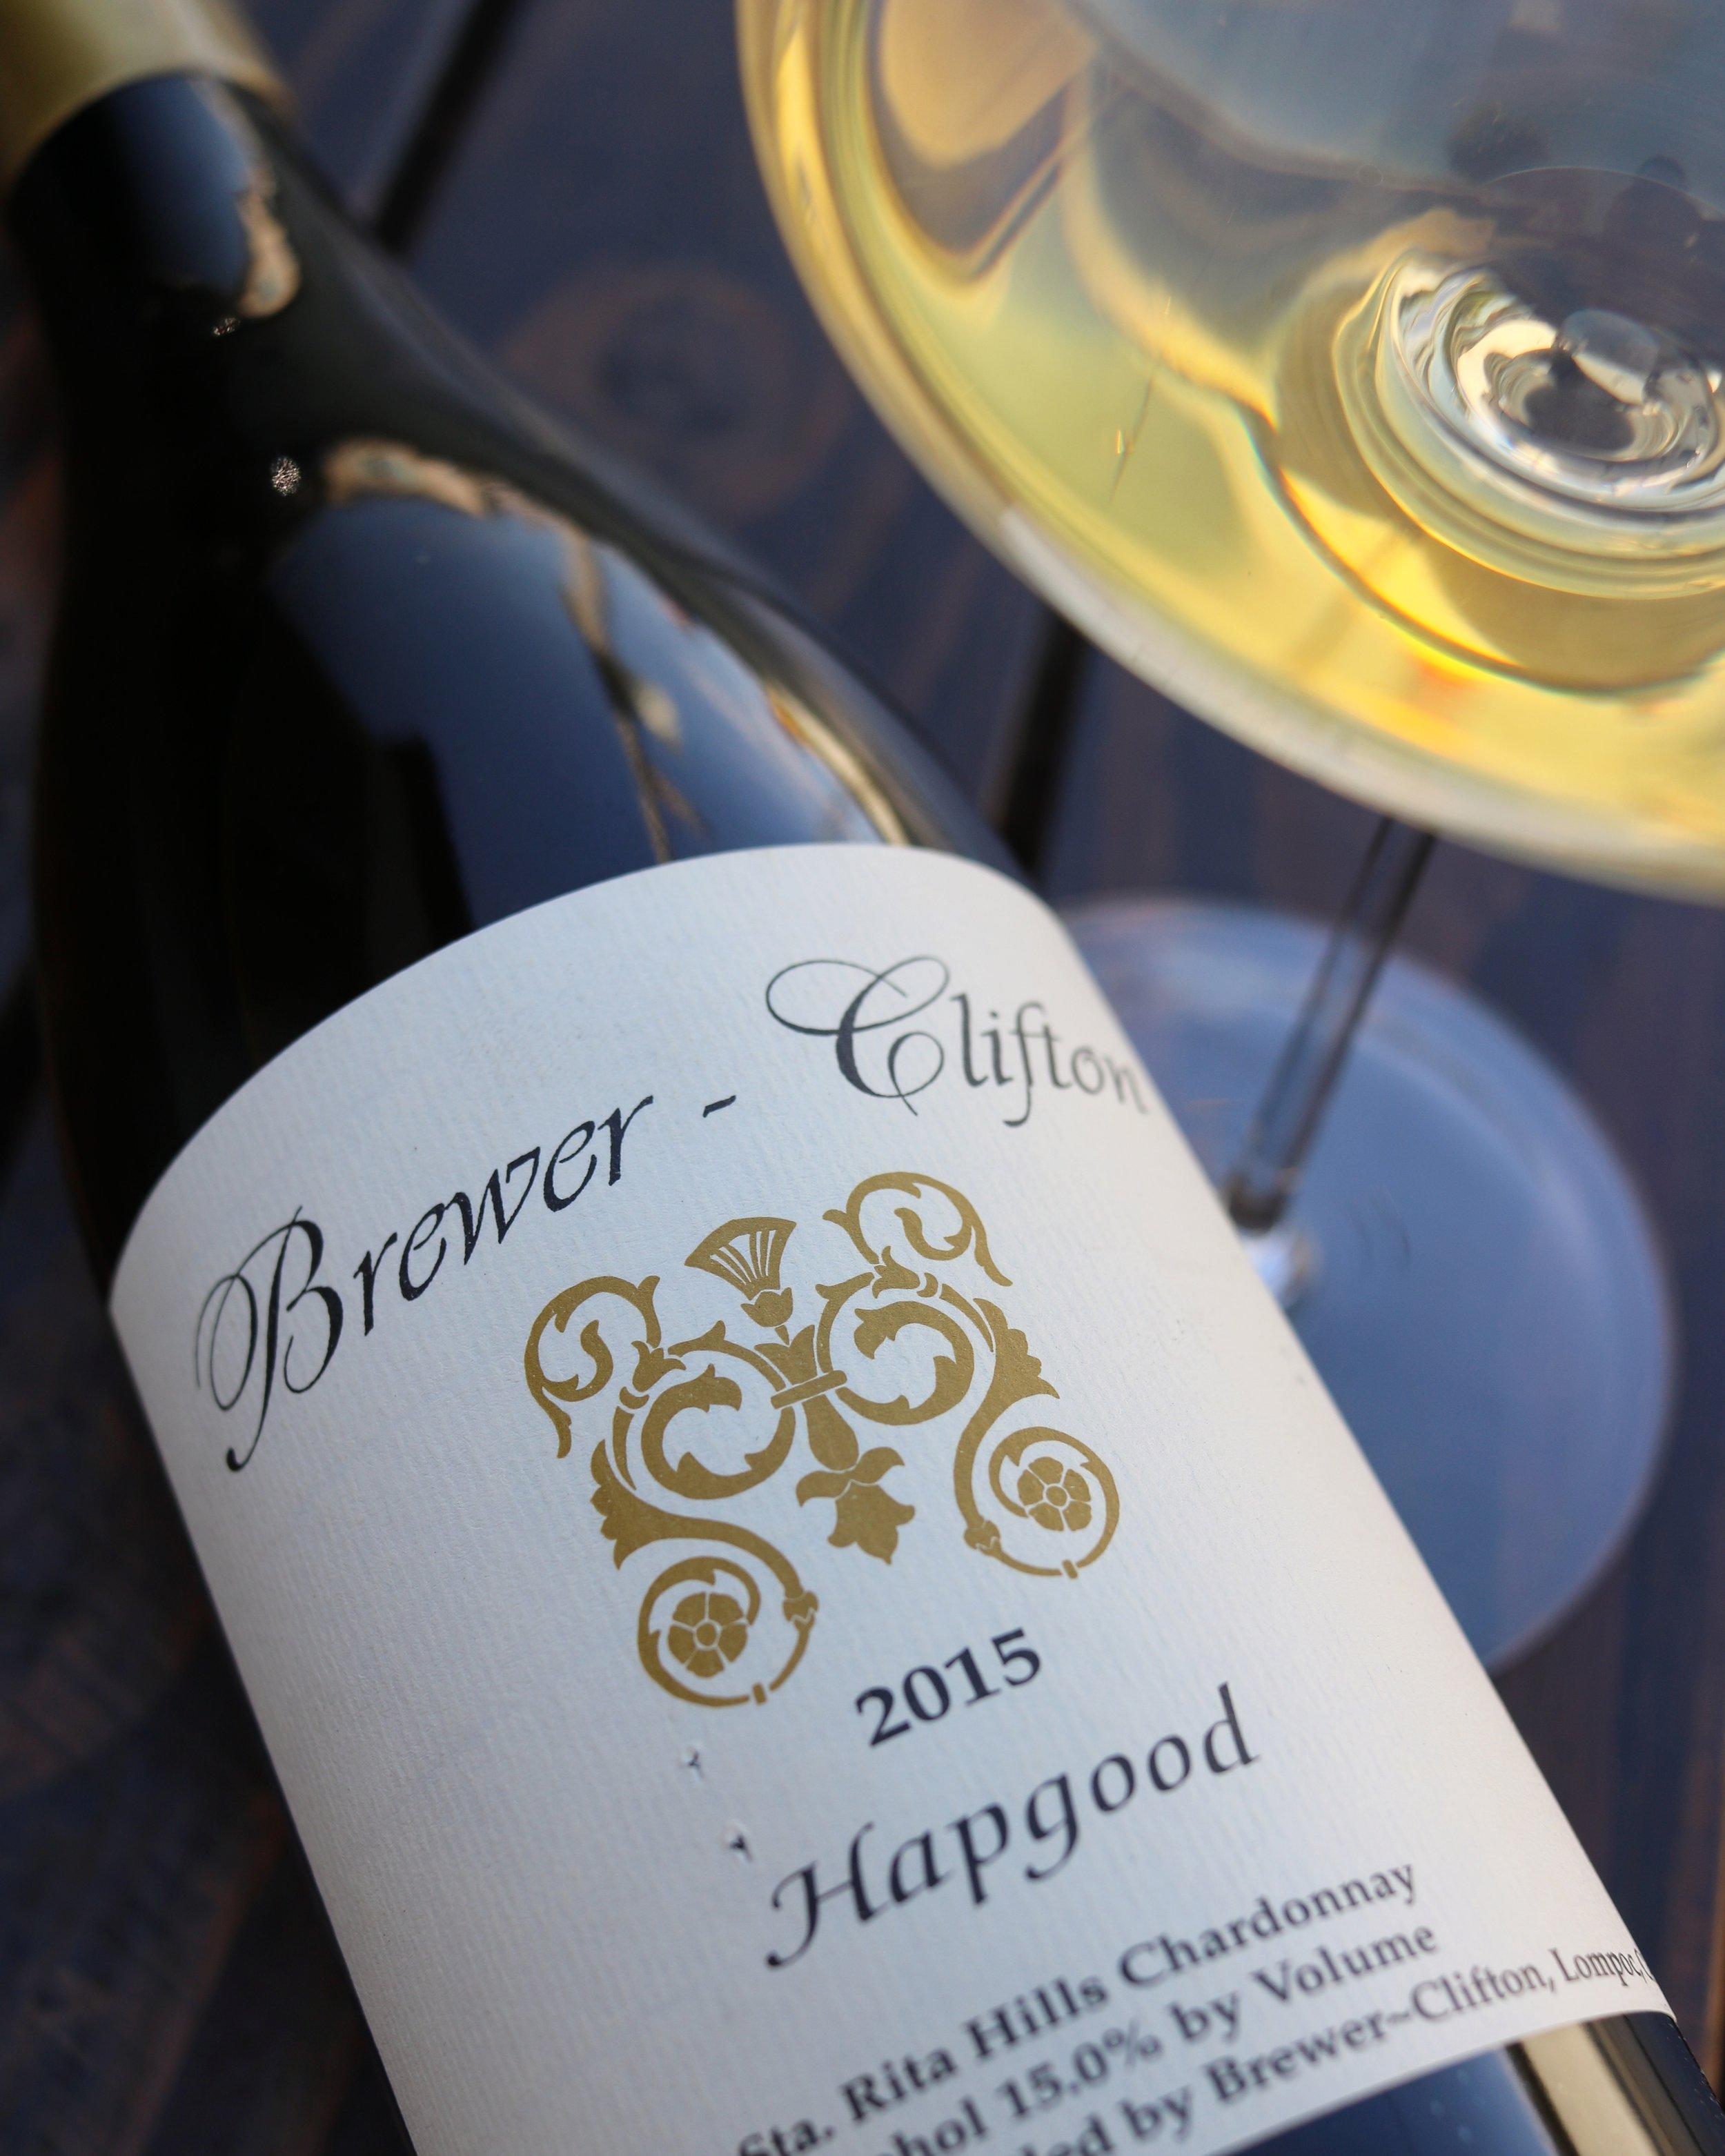 Brewer Clifton Hapgood.jpg